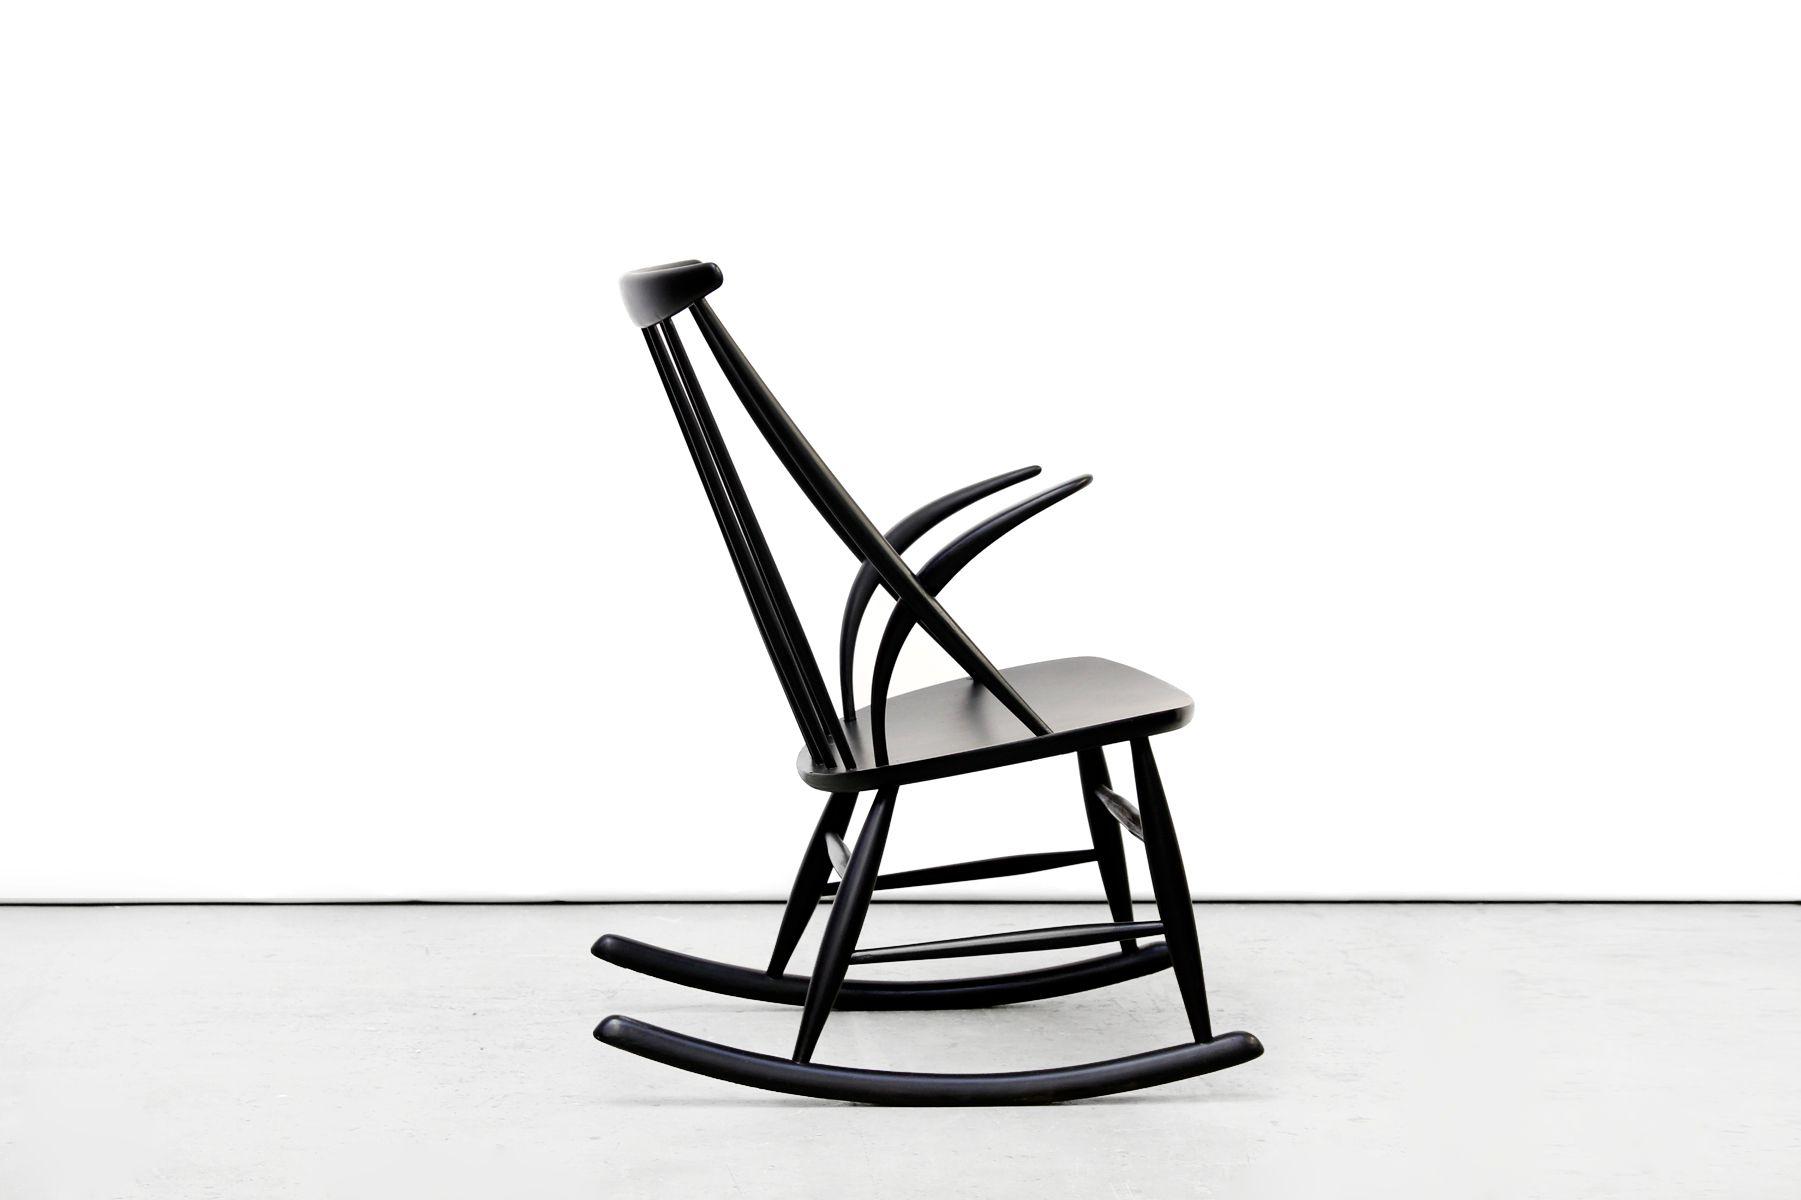 N Pap Wood Furniture, N. Eilersen Rocking Chair, Name Of Writing Desk, Name Of Writing Desk With ...